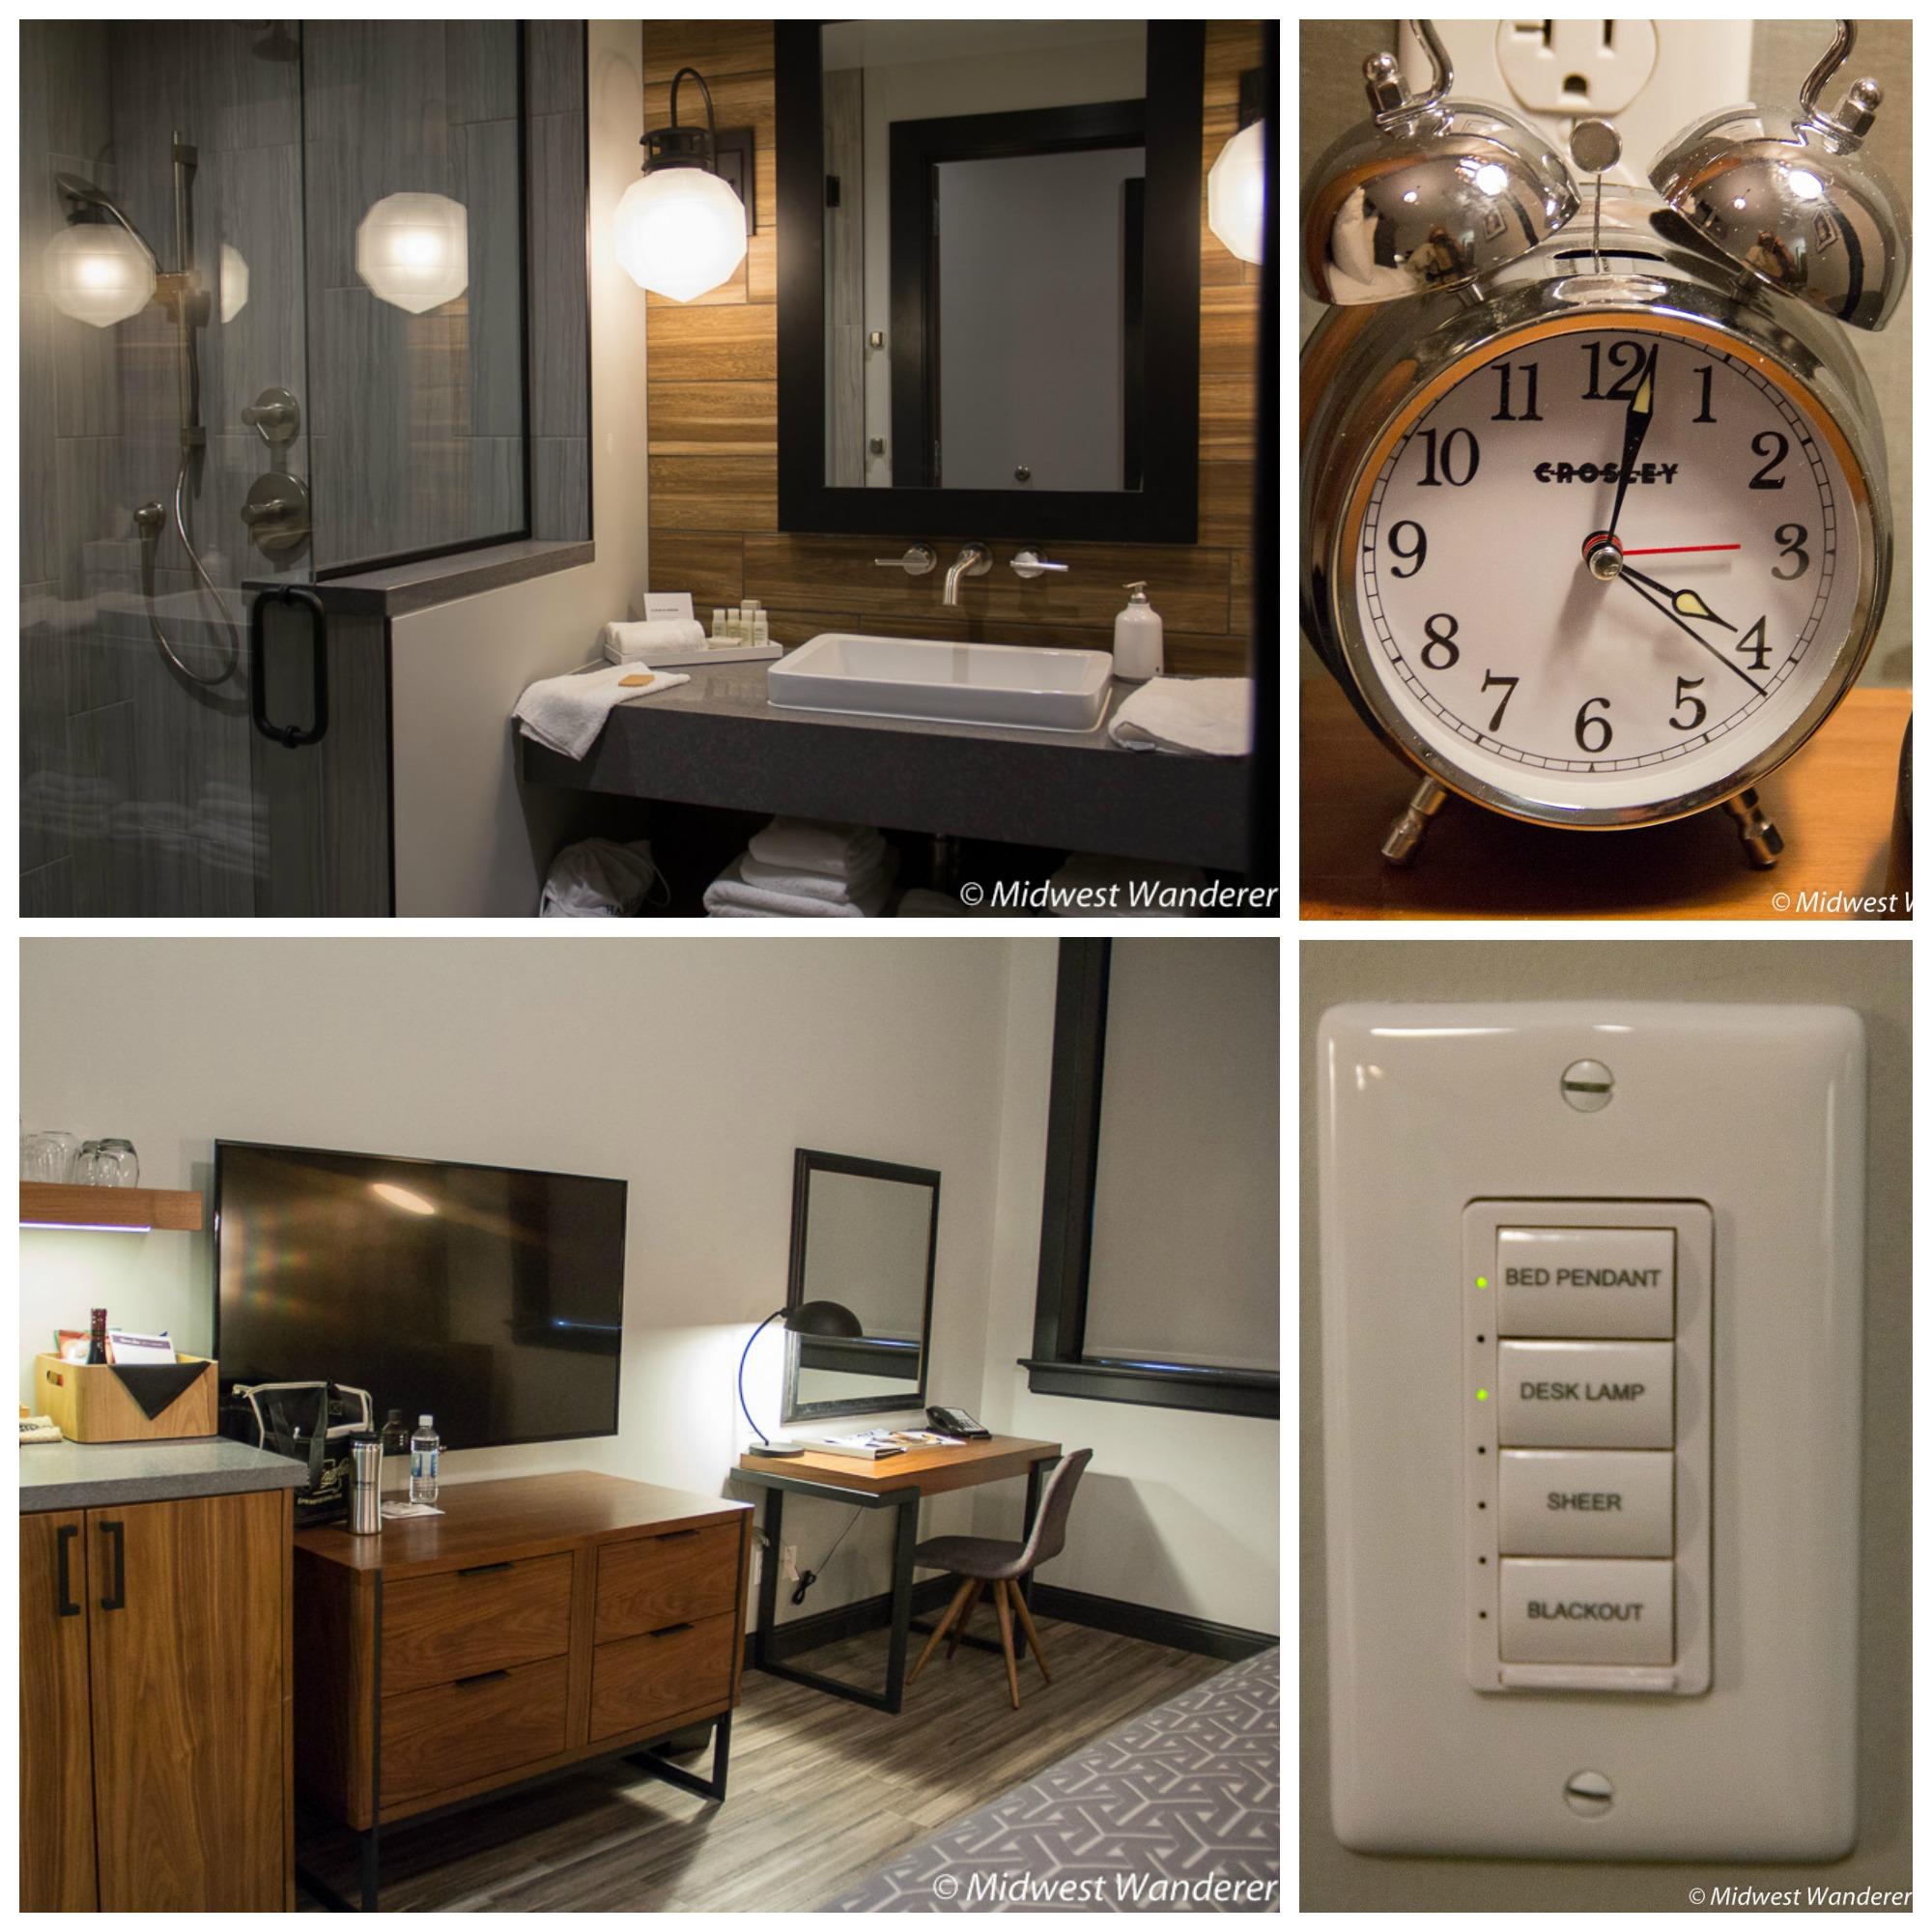 Hotel Vandivort king room